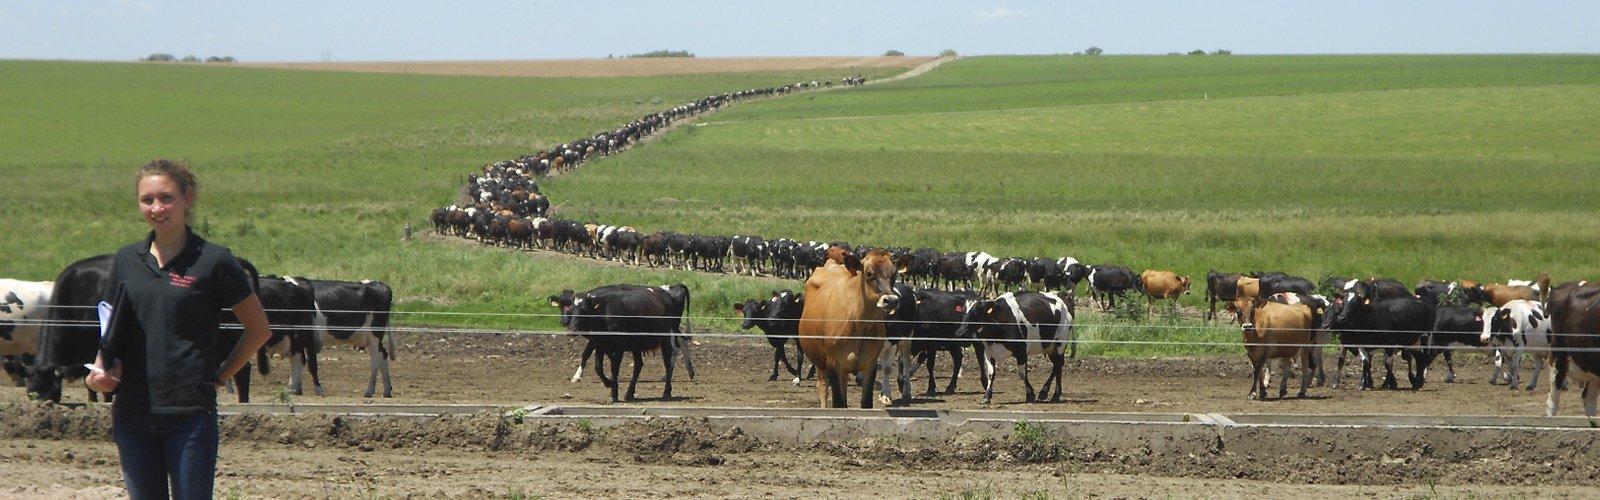 Koeien in Uruguay op weg naar hun stal